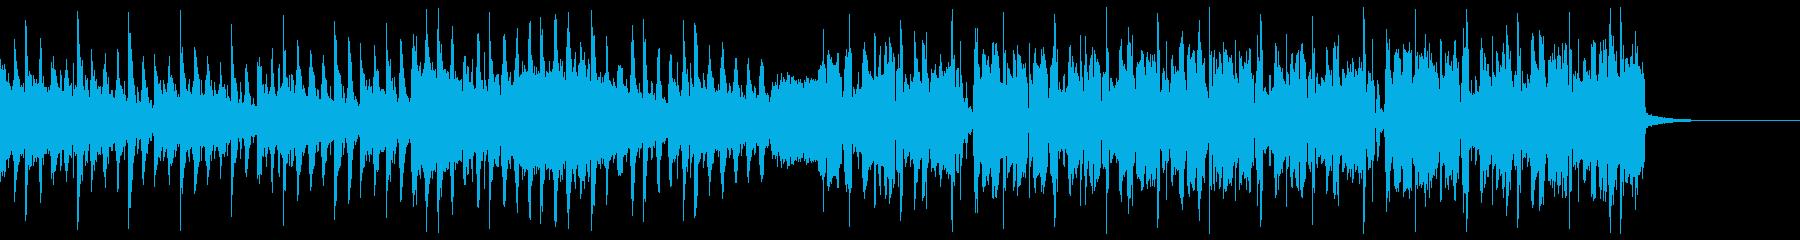 渋くてかっこいい変則ビートの再生済みの波形